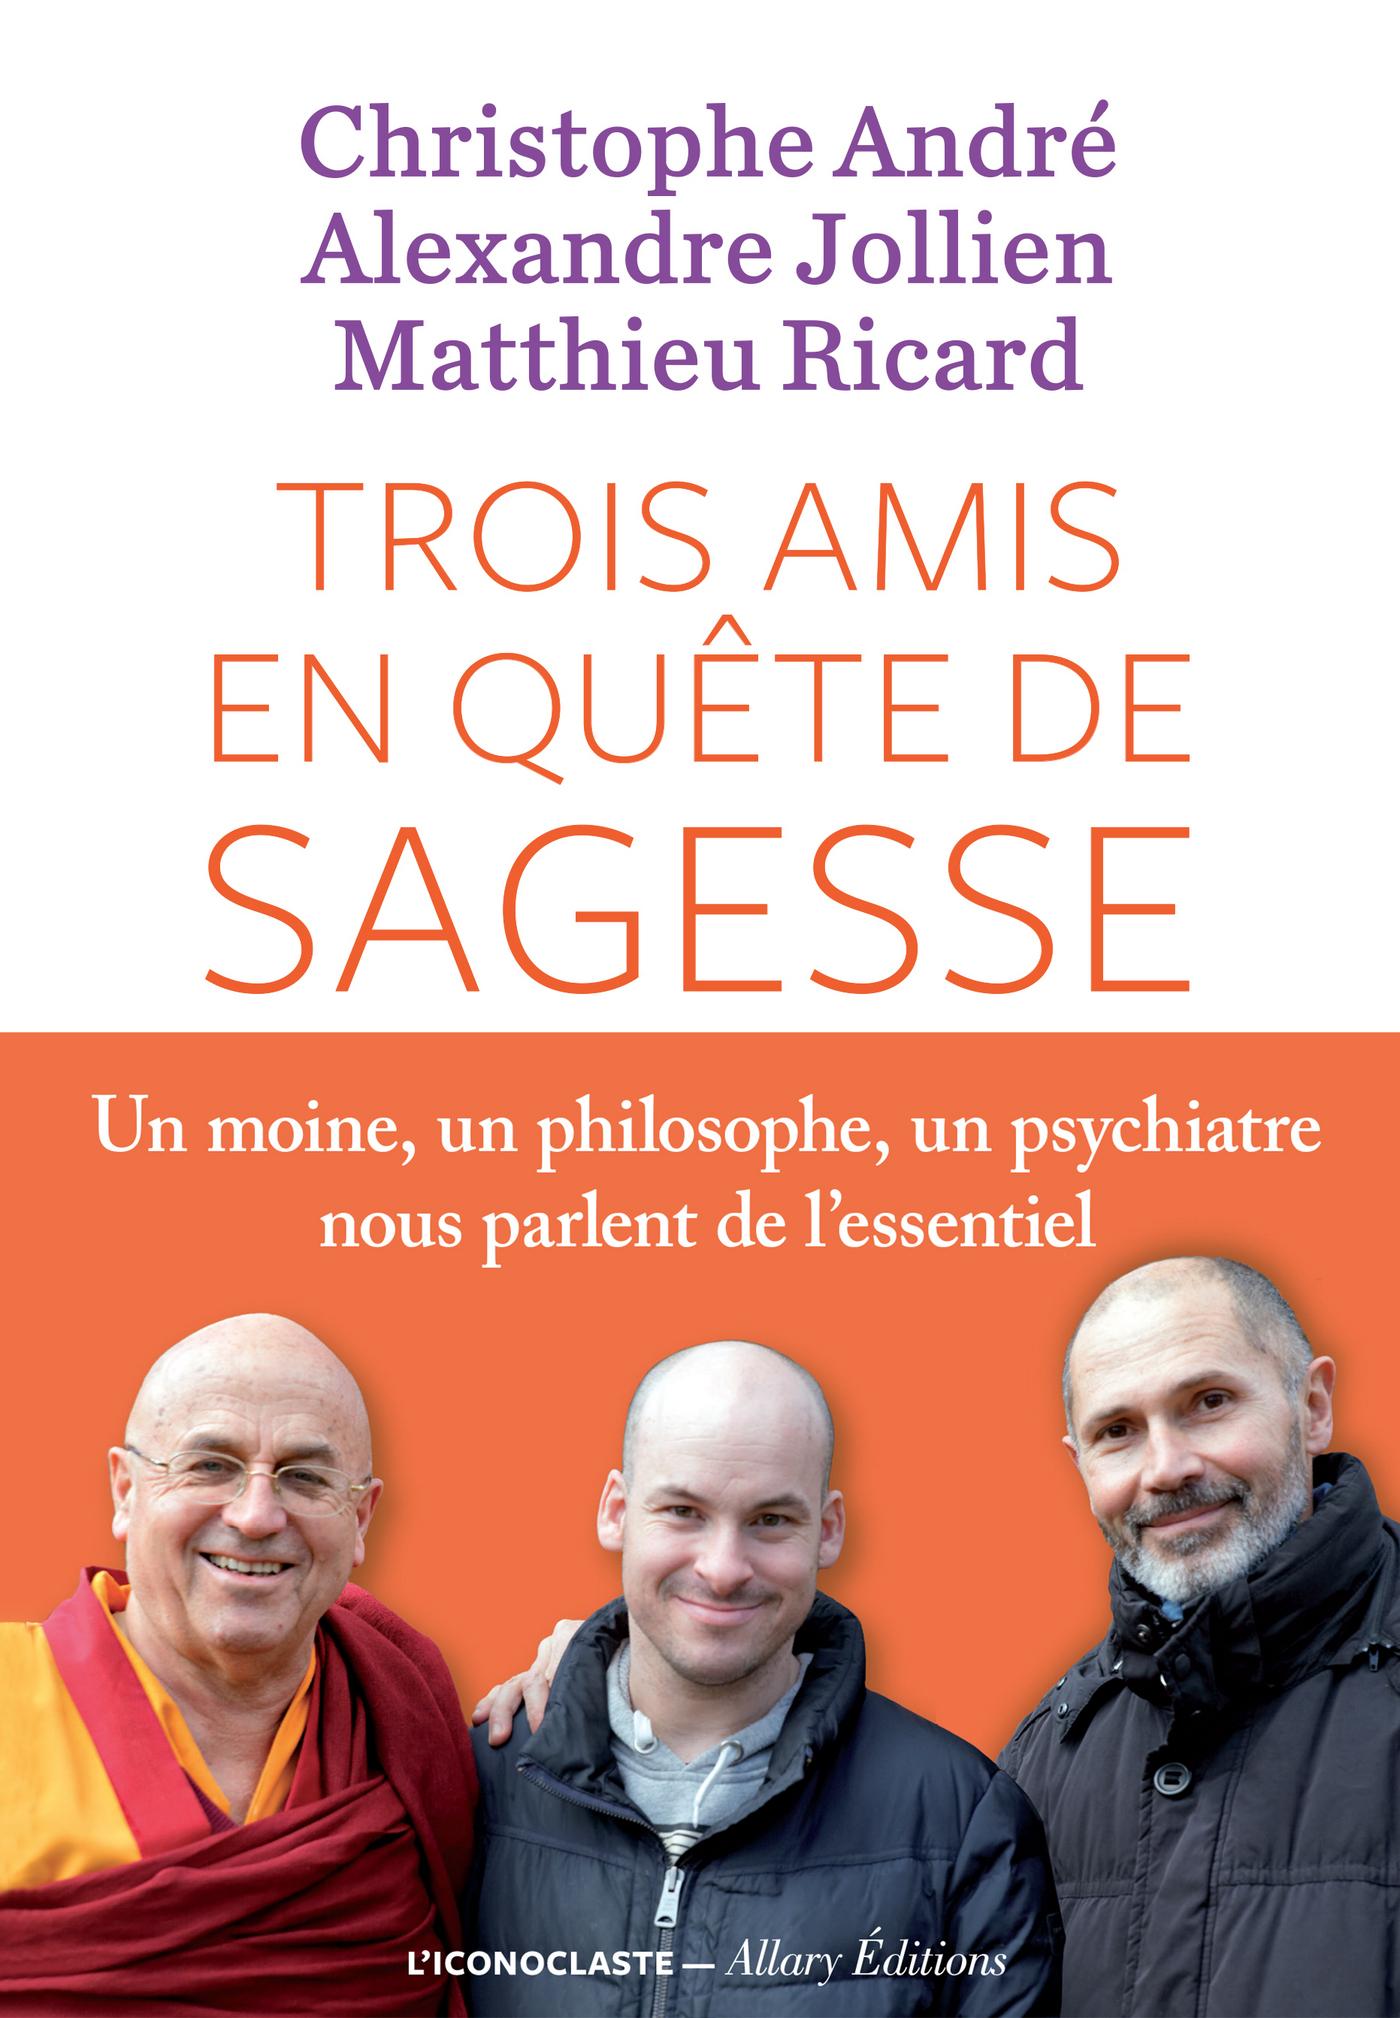 Trois amis en quête de sagesse, UN MOINE, UN PHILISOPHE, UN PSYCHIATRE NOUS PARLENT DE L'ESSENTIEL.